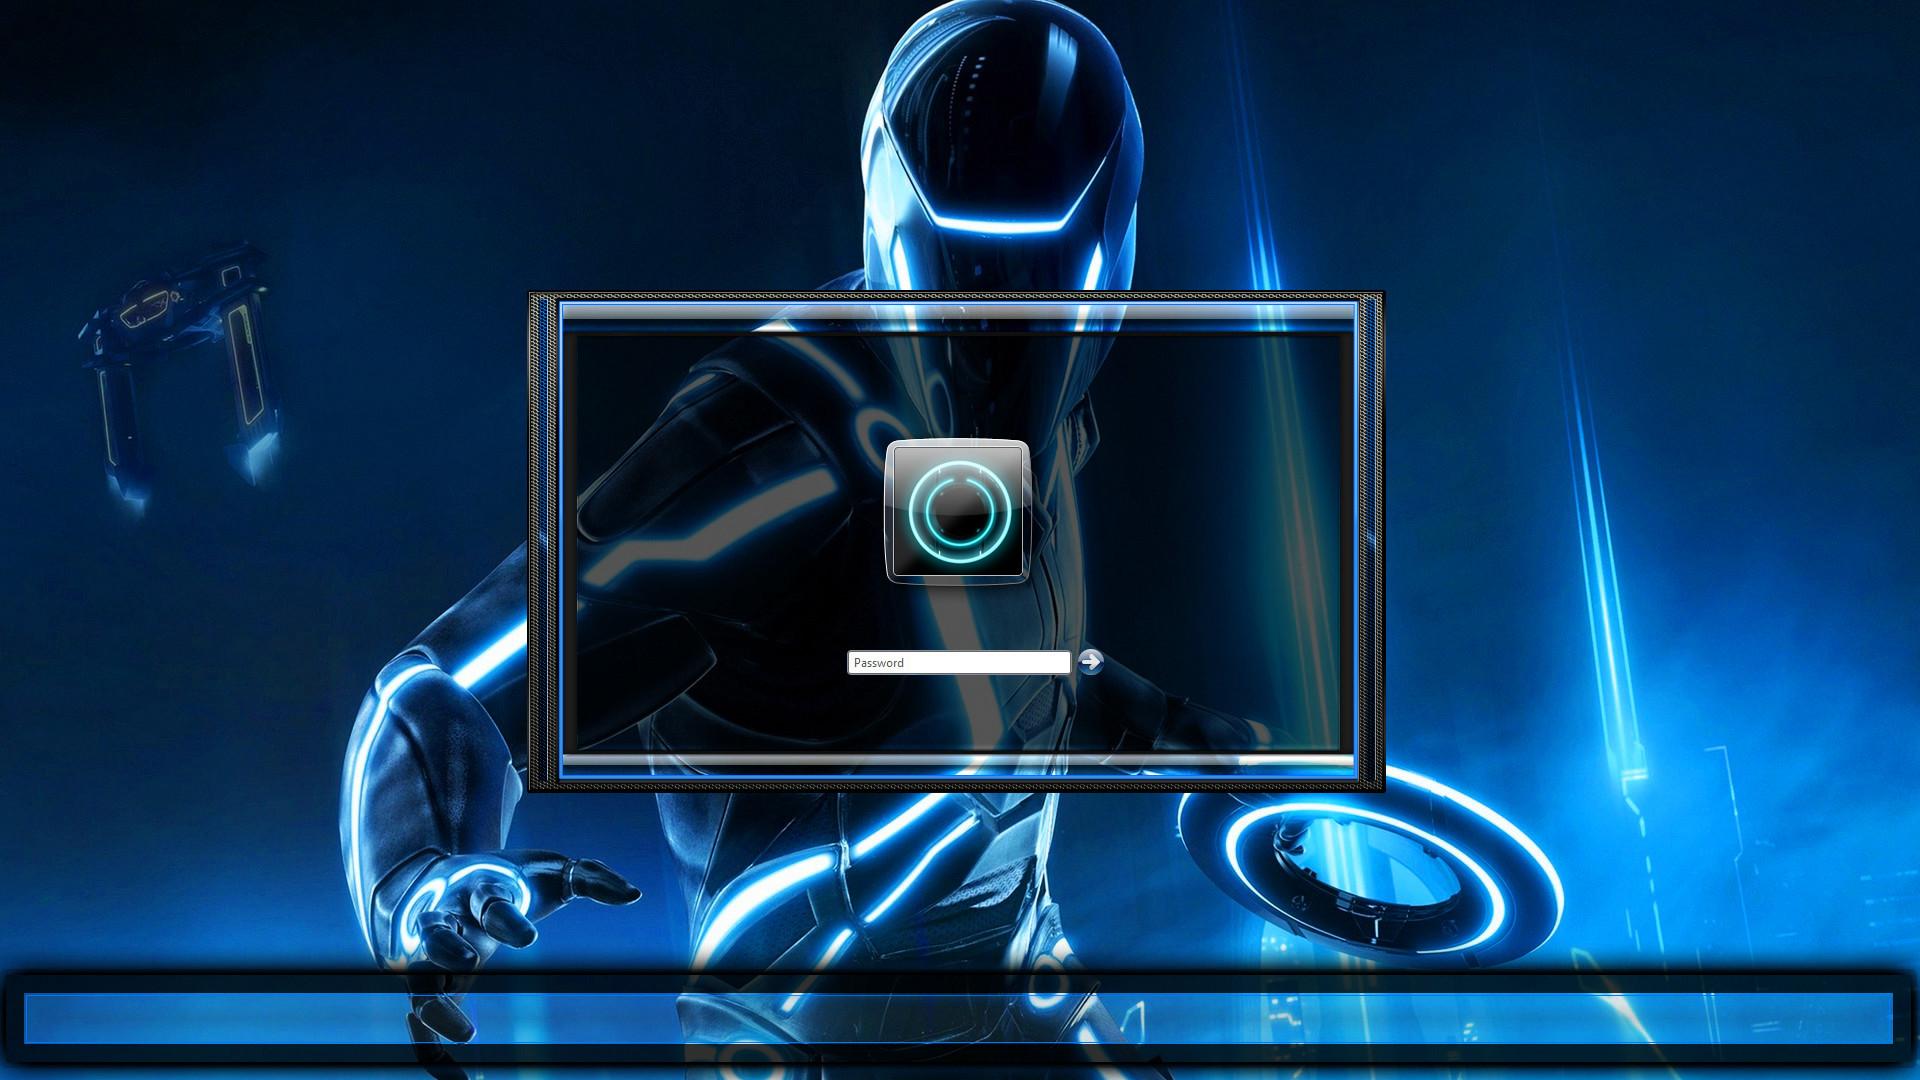 Alienware Lock Screen Wallpaper 82 Images